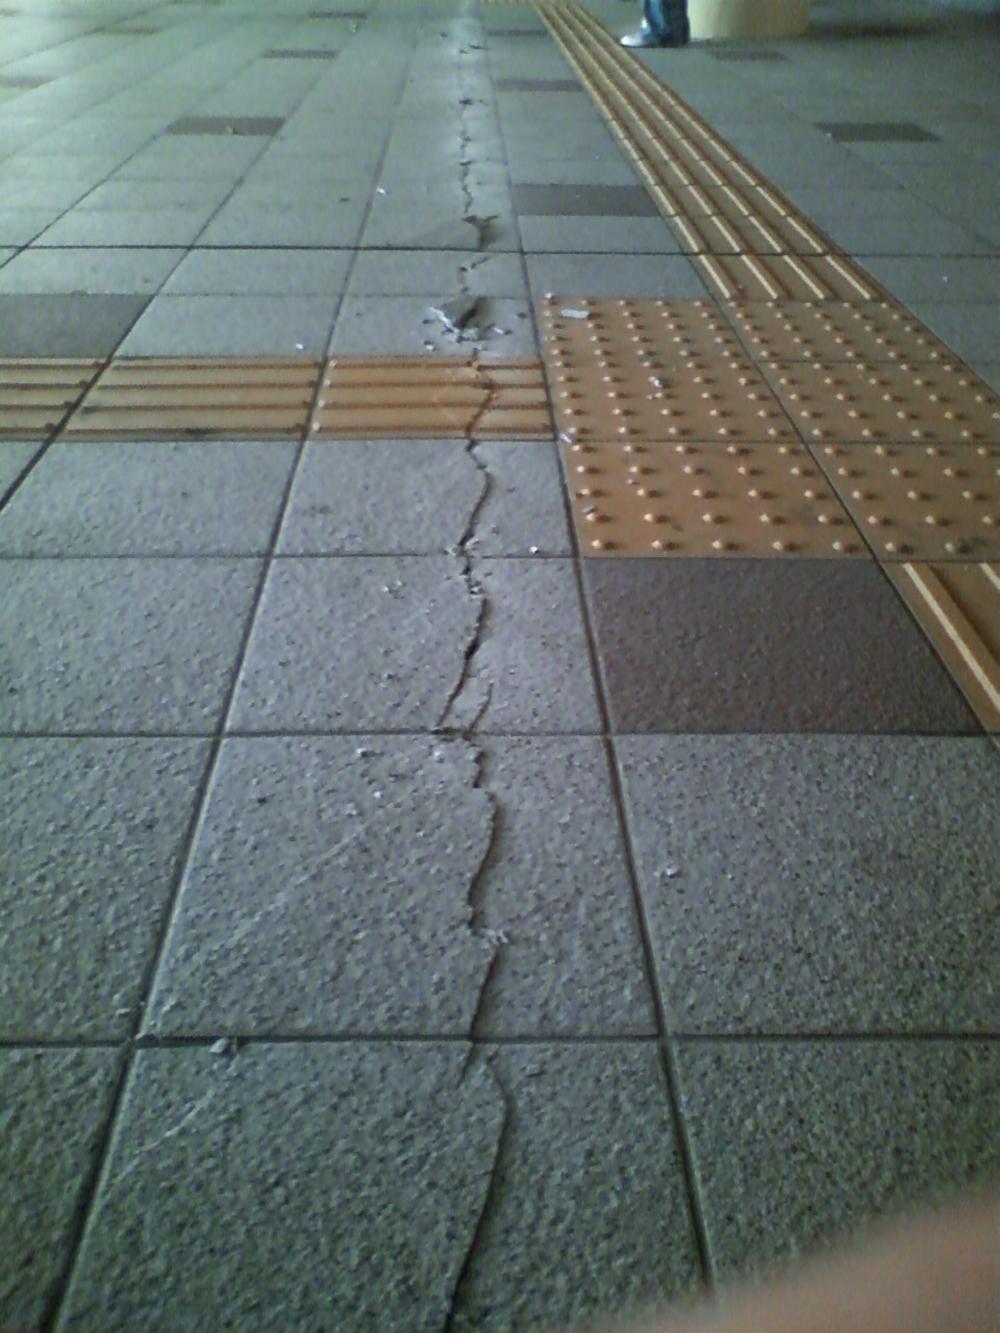 震災発生直後の仙台駅前〜五橋〜越路